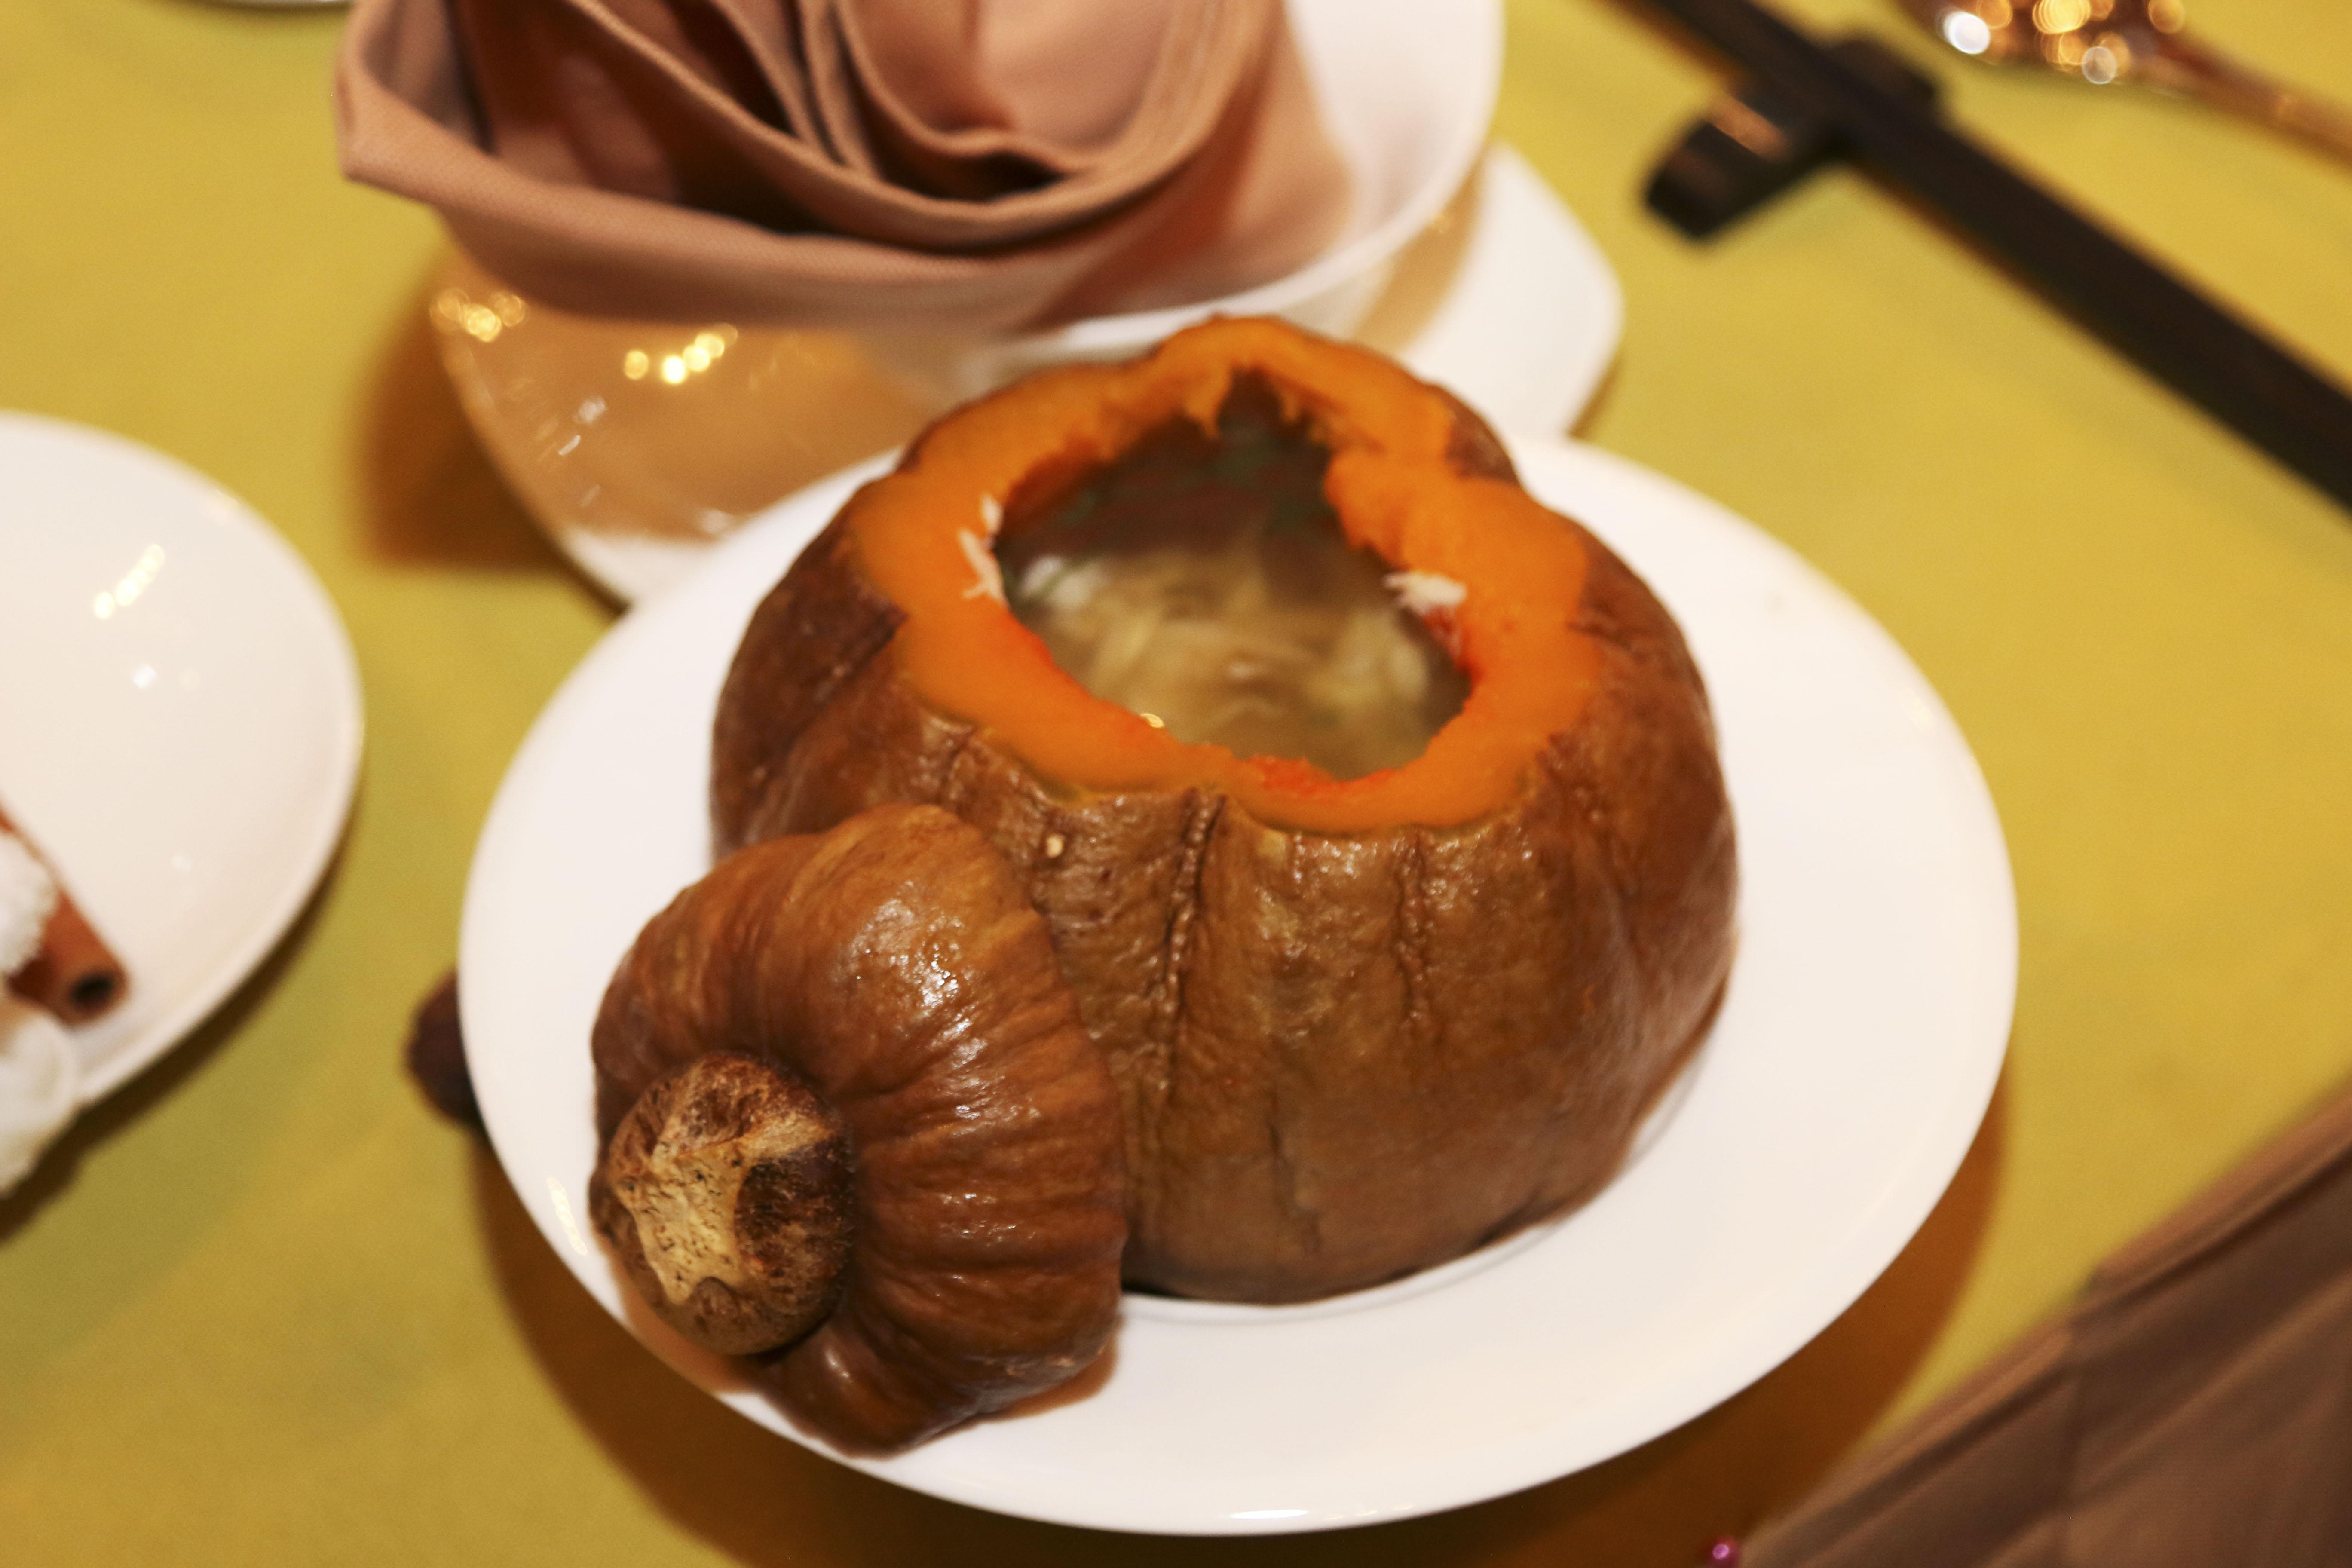 """Trong hương thơm của hoa, sự lung linh của nến, súp bí đỏ hải sản ấm nóng là món đầu tiên được mang ra chiều lòng thực khách. Đây cũng là món gây ấn tượng nhất với các thành viên OKR xuất sắc quý III. Anh Trần Tiến Điệp - Trưởng nhóm R&D FIS Bank PB1 - thích thú với súp này: """"Mọi thứ đều rất tròn đầy. Tiết trời se lạnh của Hà Nội thật hợp với món khai vị""""."""